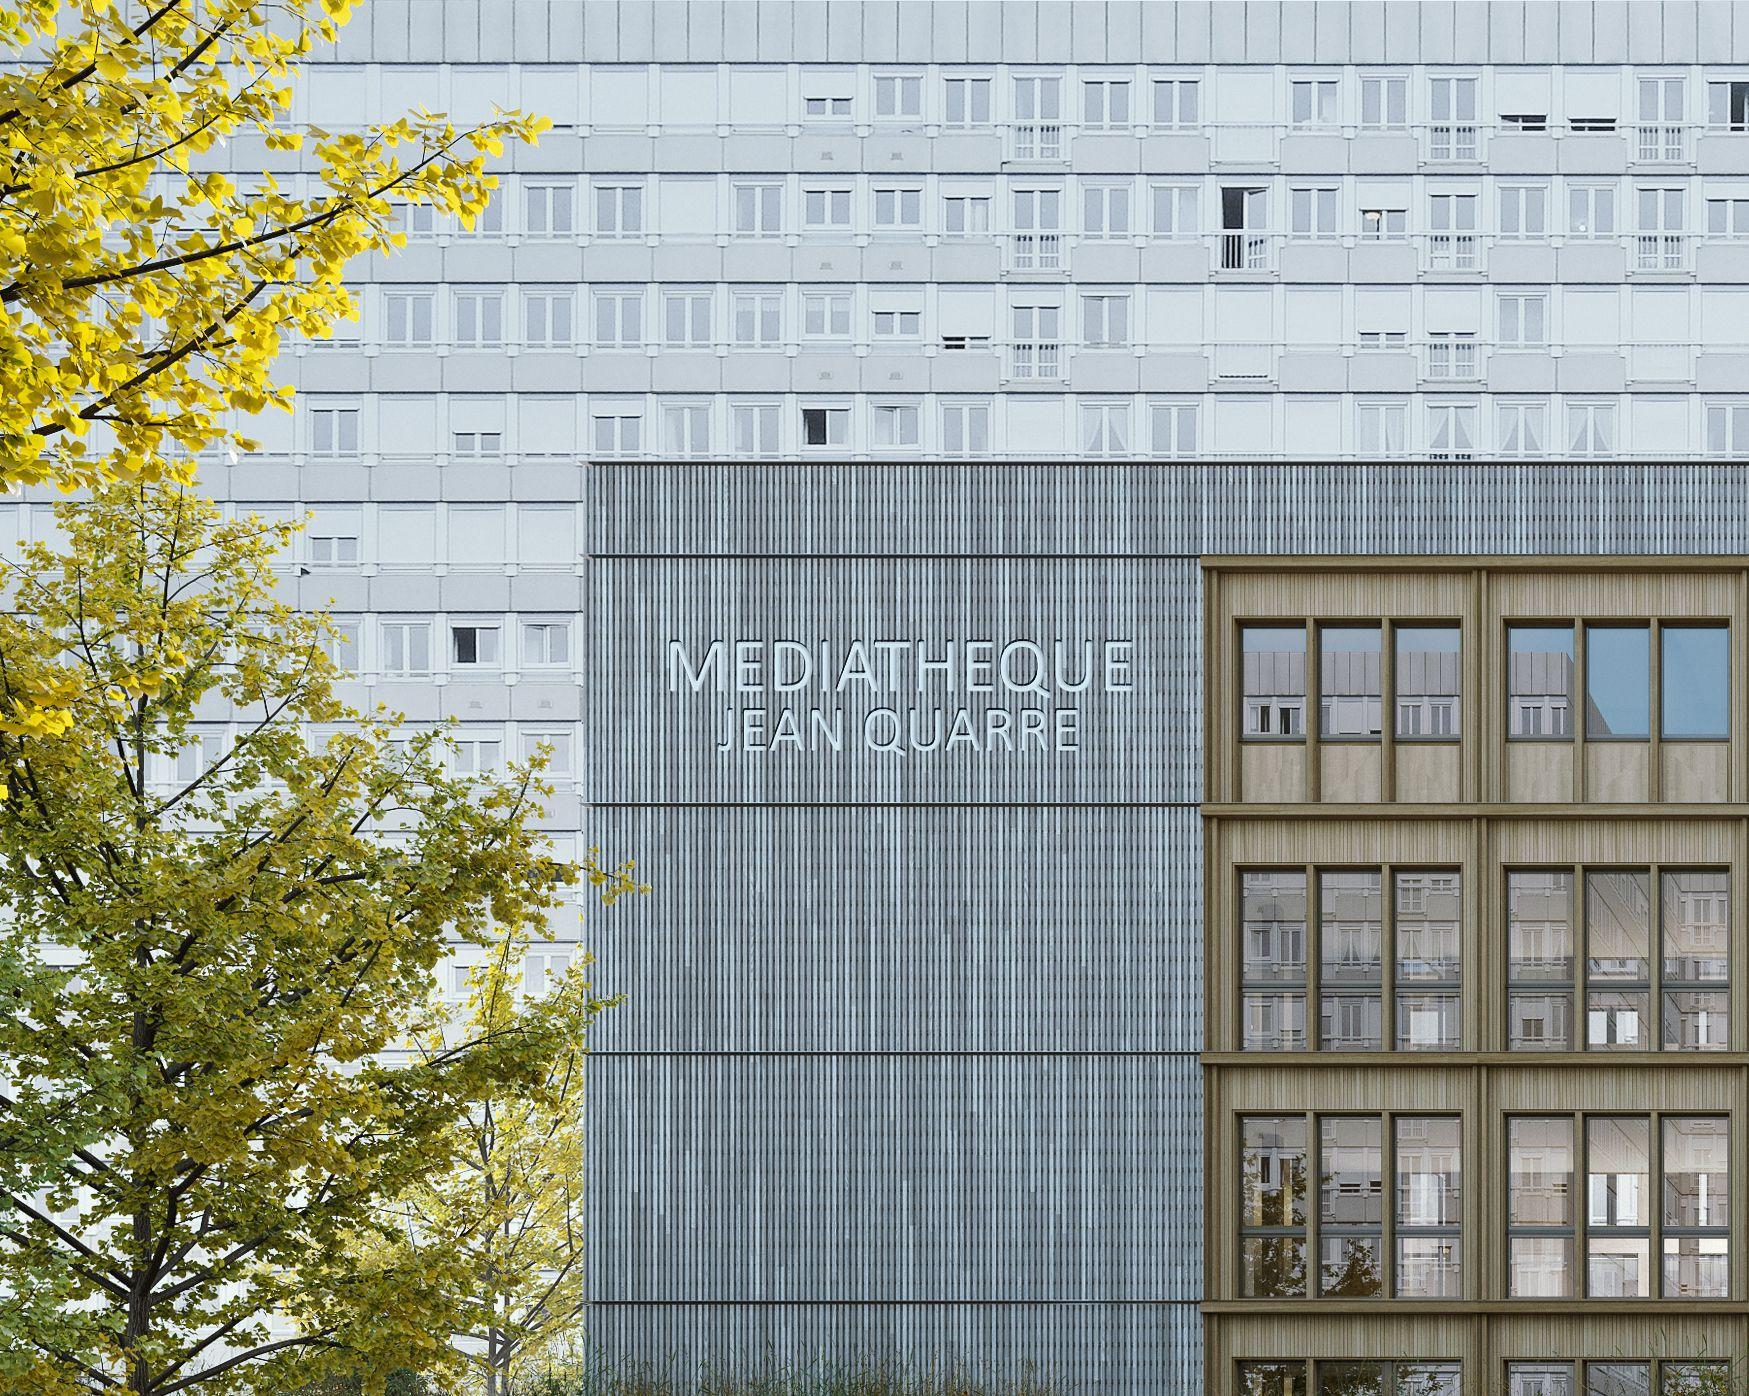 Supervue la architecture eqt paris mediatheque jean quarre Medium